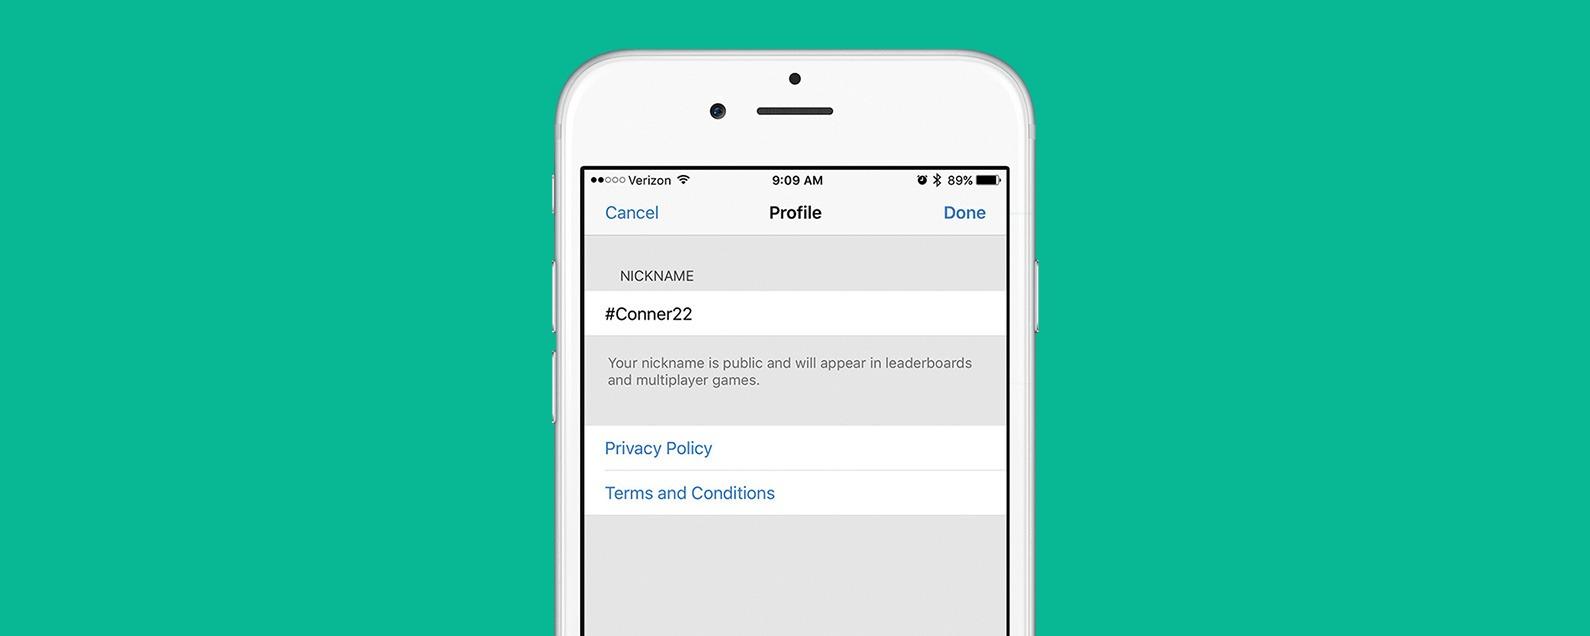 Scegli una Soluzione per Sbloccare l'iPhone 8/8 Plus senza Password